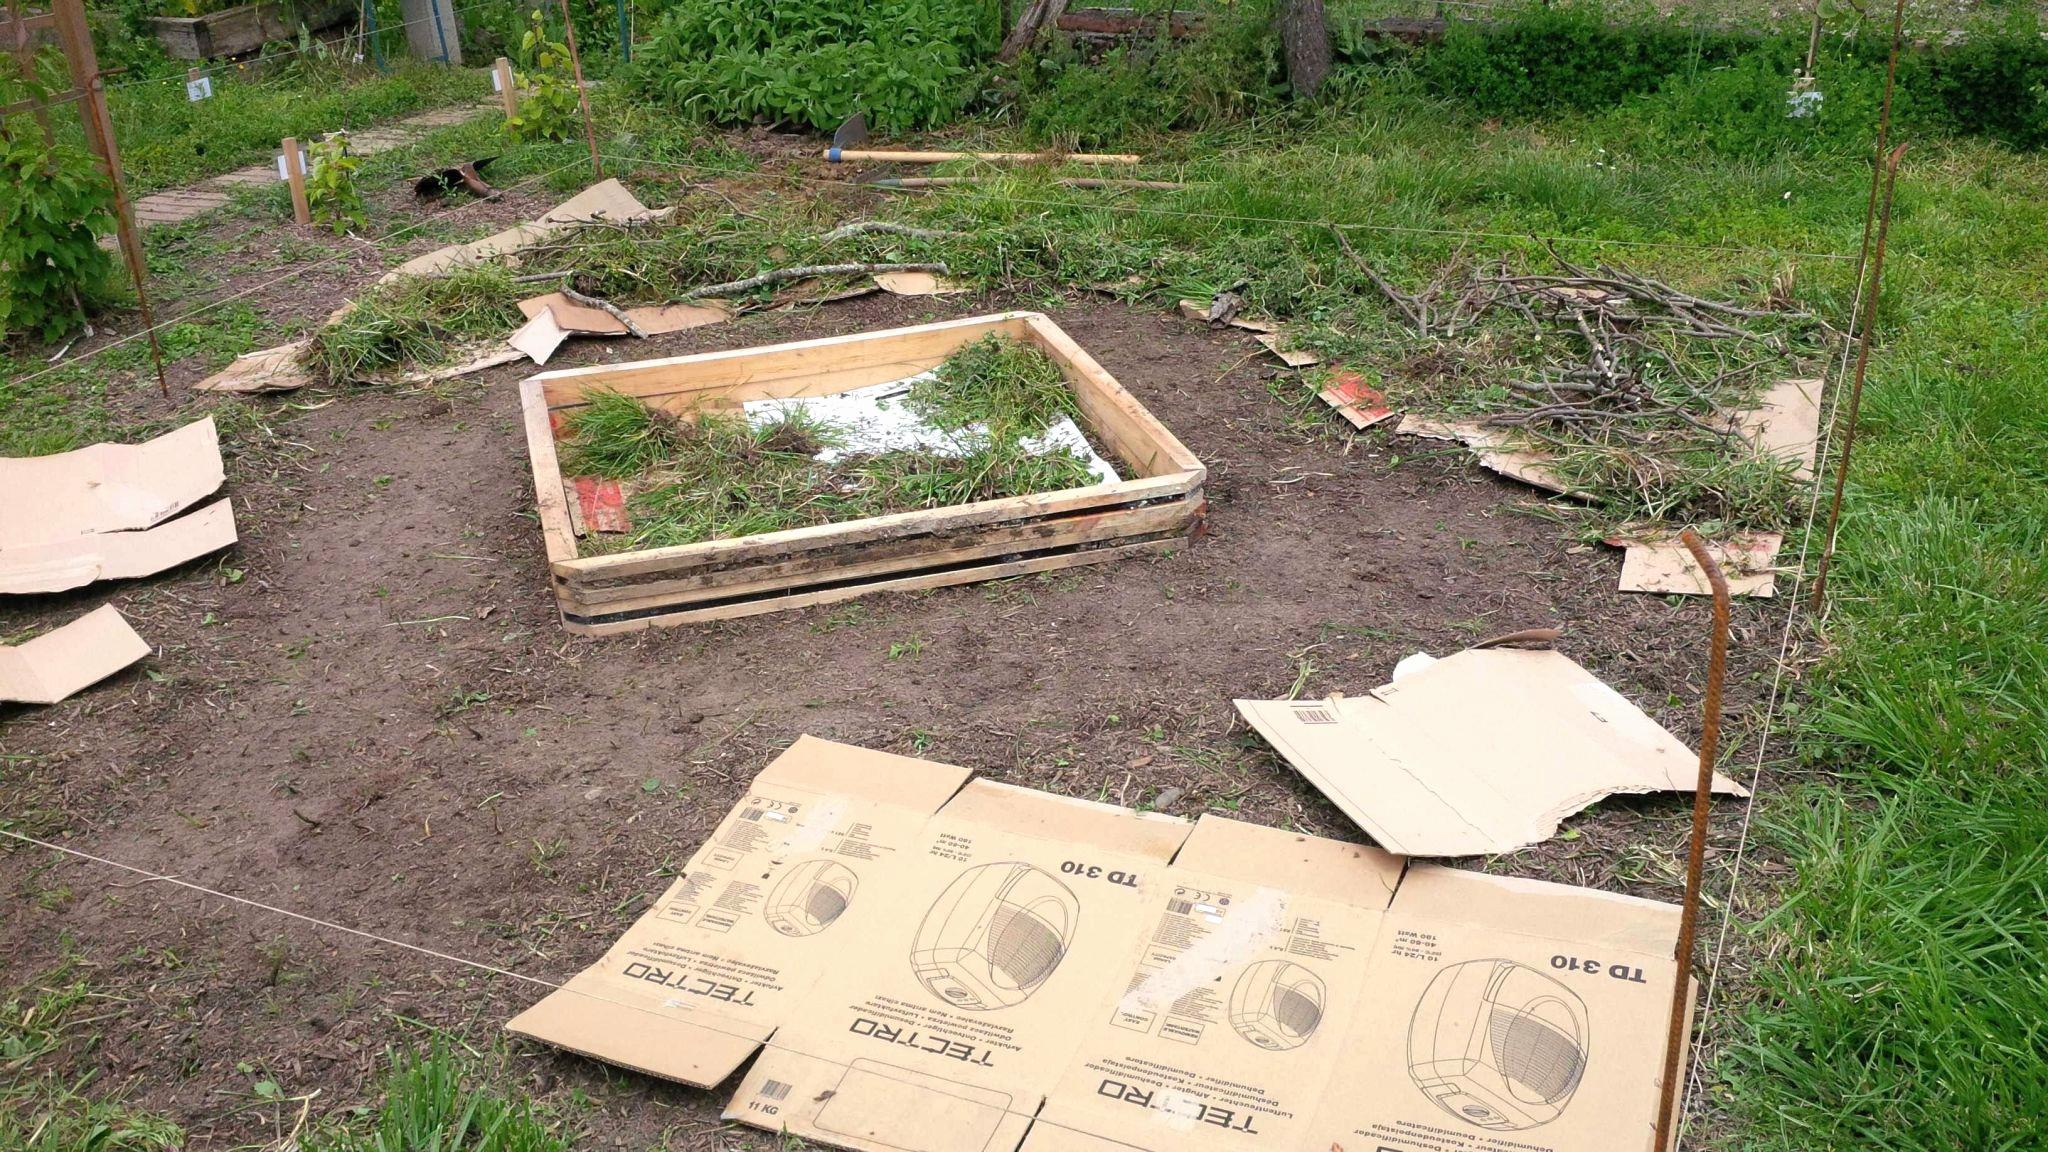 amenagement de jardin exterieur charmant jardin amenager et idee amenagement terrasse exterieur idee de of amenagement de jardin exterieur